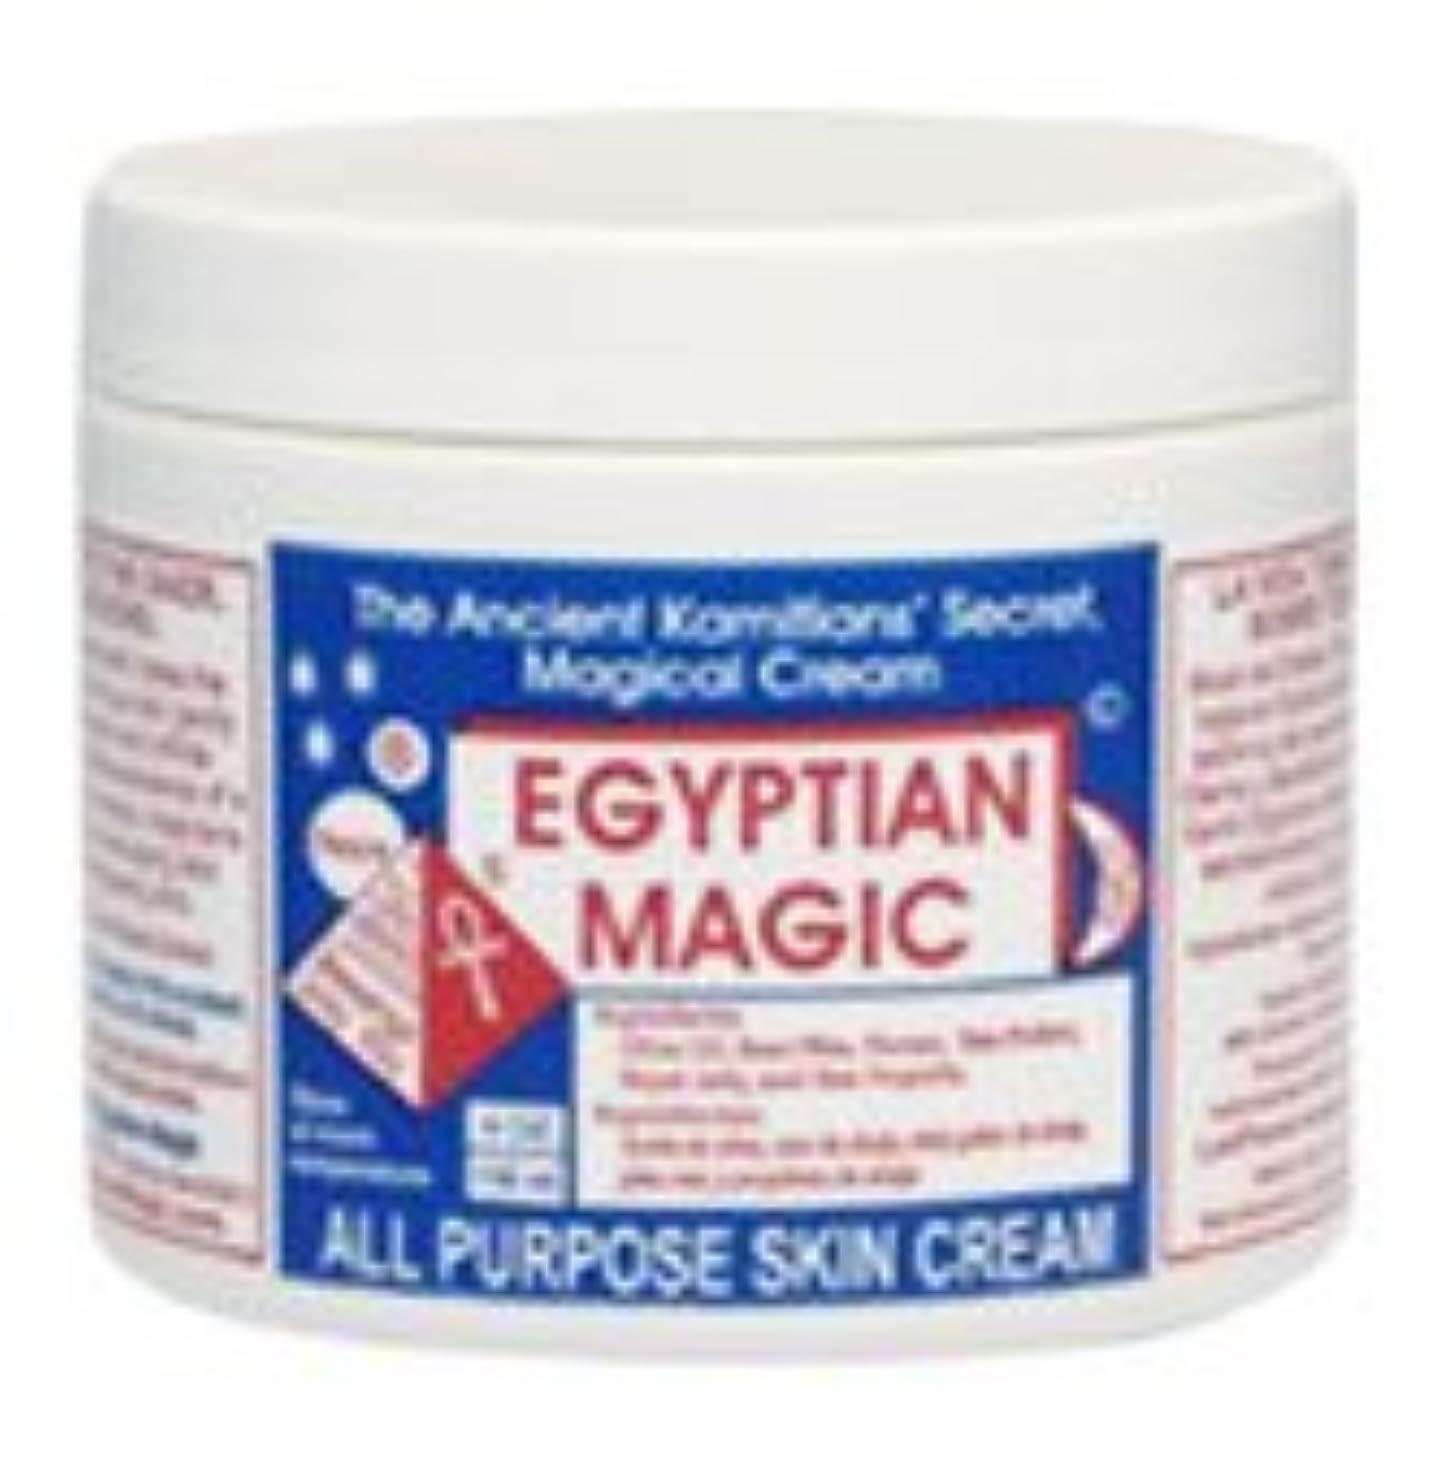 強いアライメントコテージ【EGYPTIAN Magic(エジプシャン マジック)】 EGYPTIAN MAGIC CREAM マジック クリーム 118ml